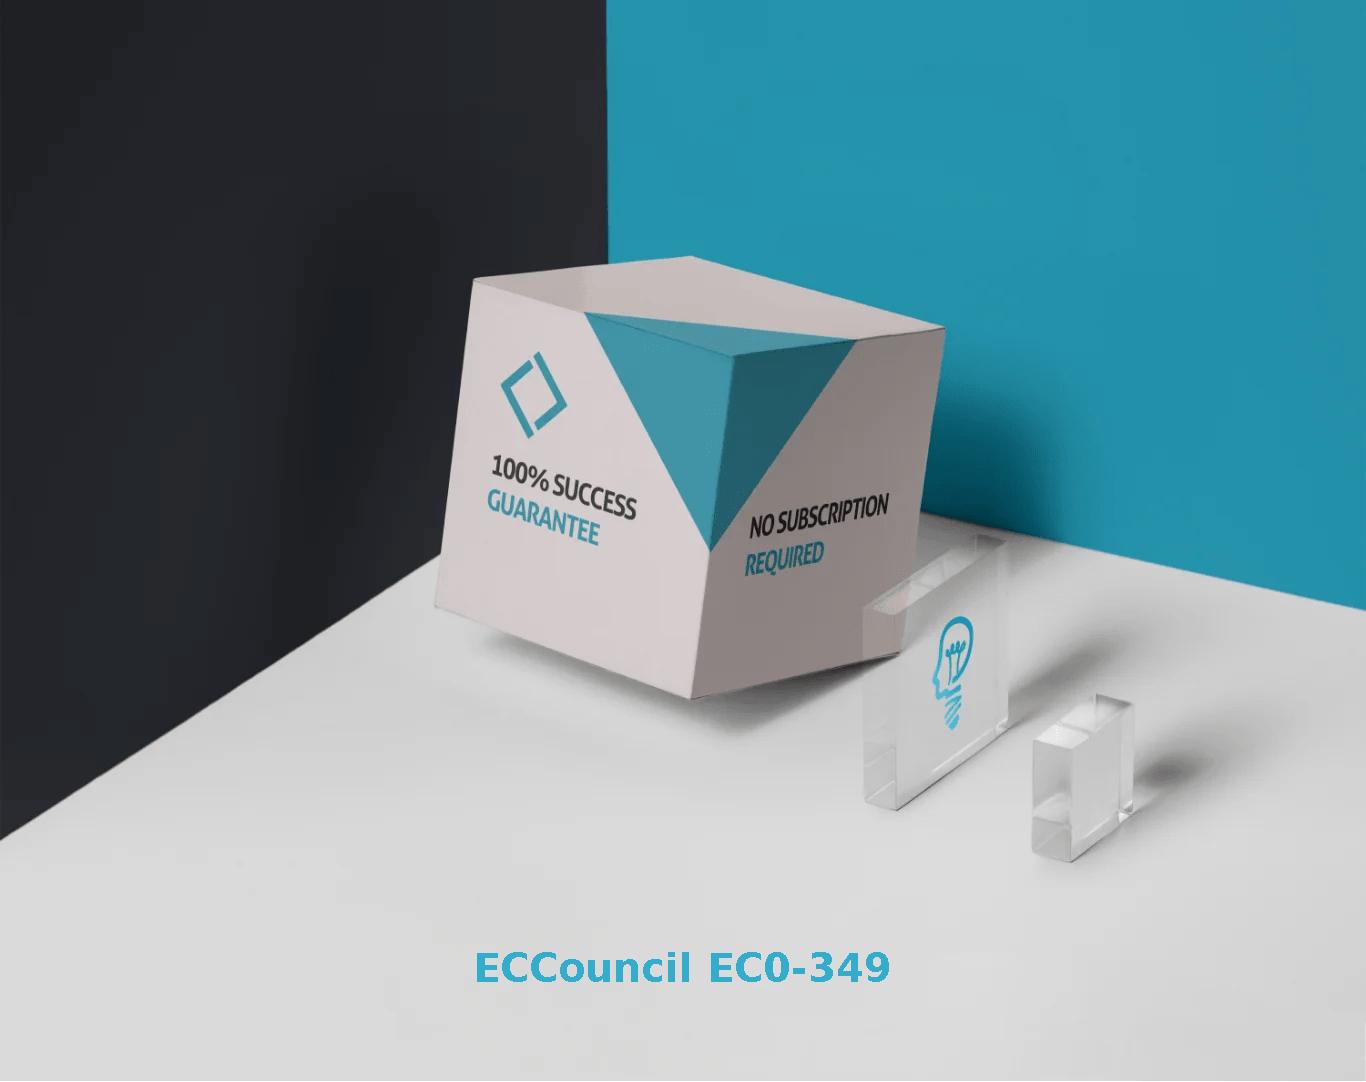 EC0-349 Dumps